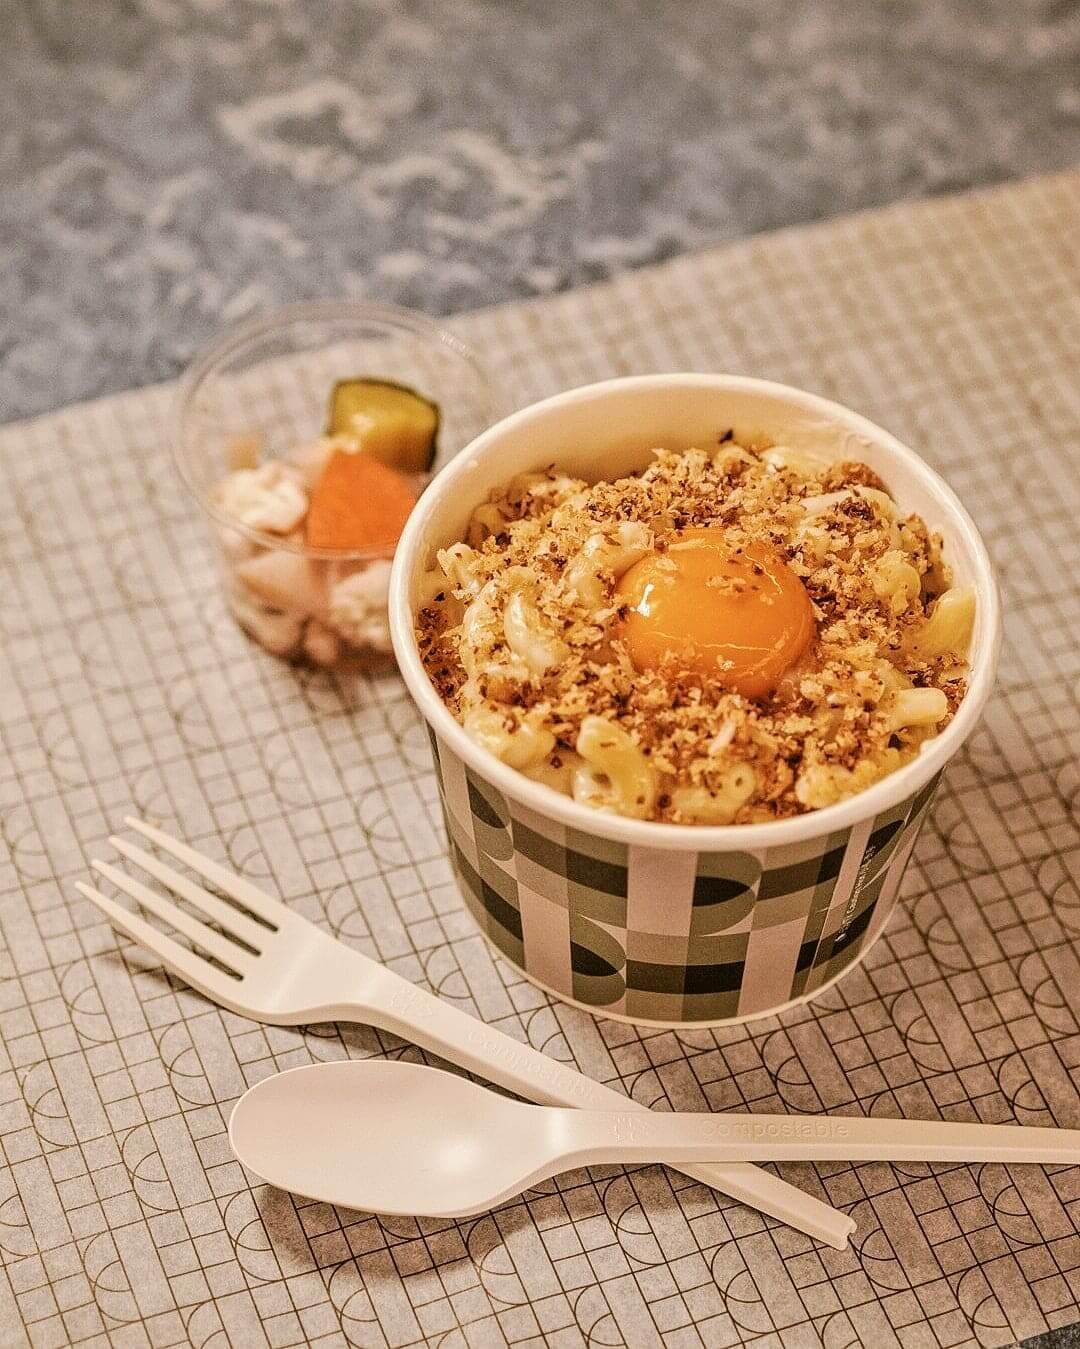 經典芝士通心粉以格呂耶爾白醬、莫澤雷勒芝士、蒜味麵包粒和蛋黃作主要材料。